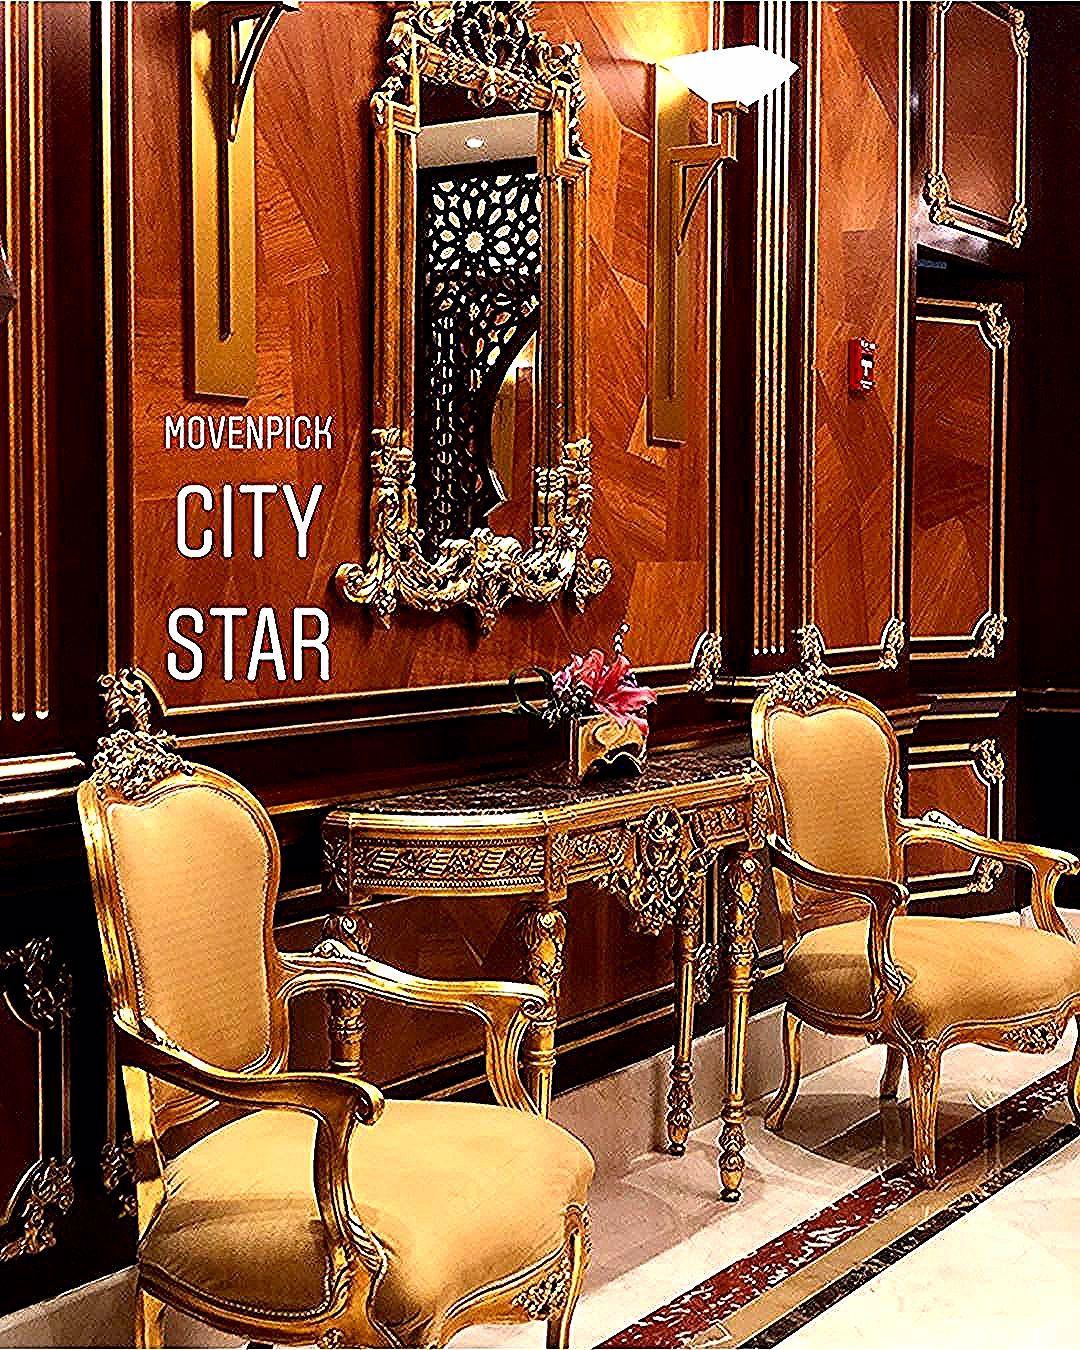 مطعم الديرة فندق موڤنبيك سيتي ستار طريق المدينة حي البوادي قائمة الطعام المقدمة فطور سحور البوفيه Dining Chairs Home Decor Decor